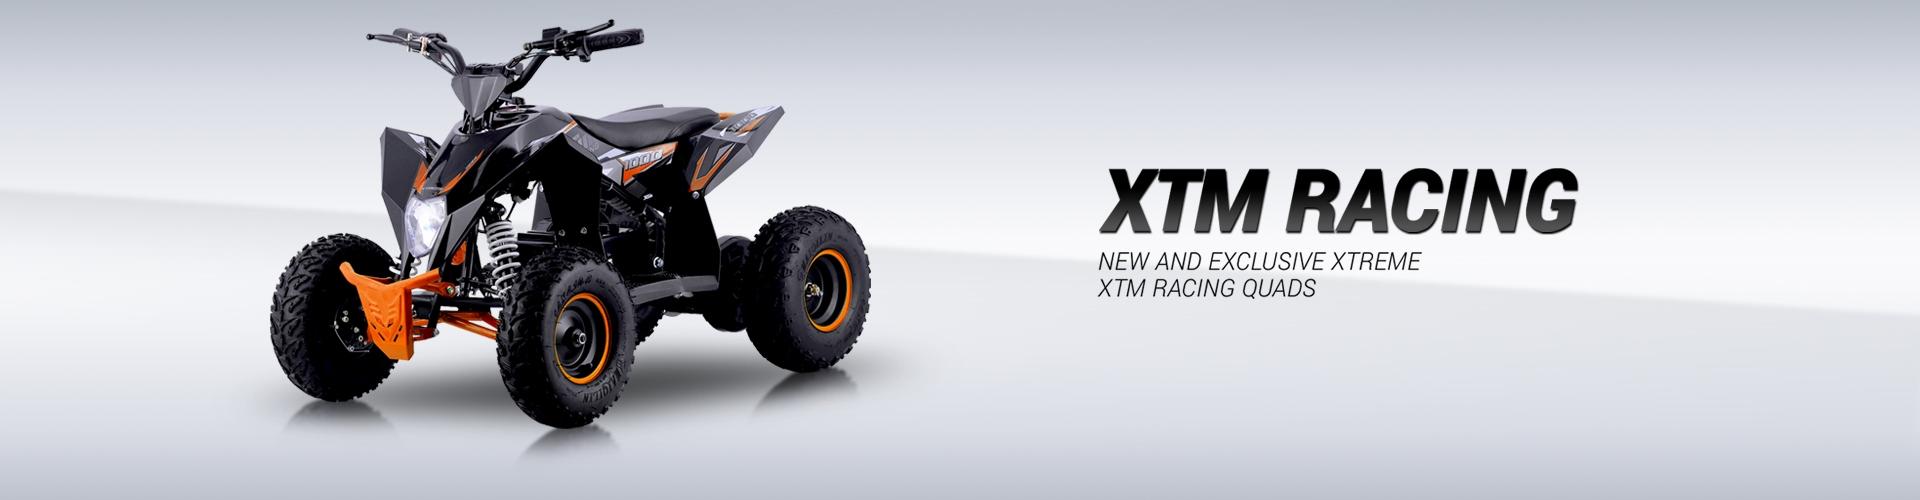 XTM Racing Quad 36V 1000W